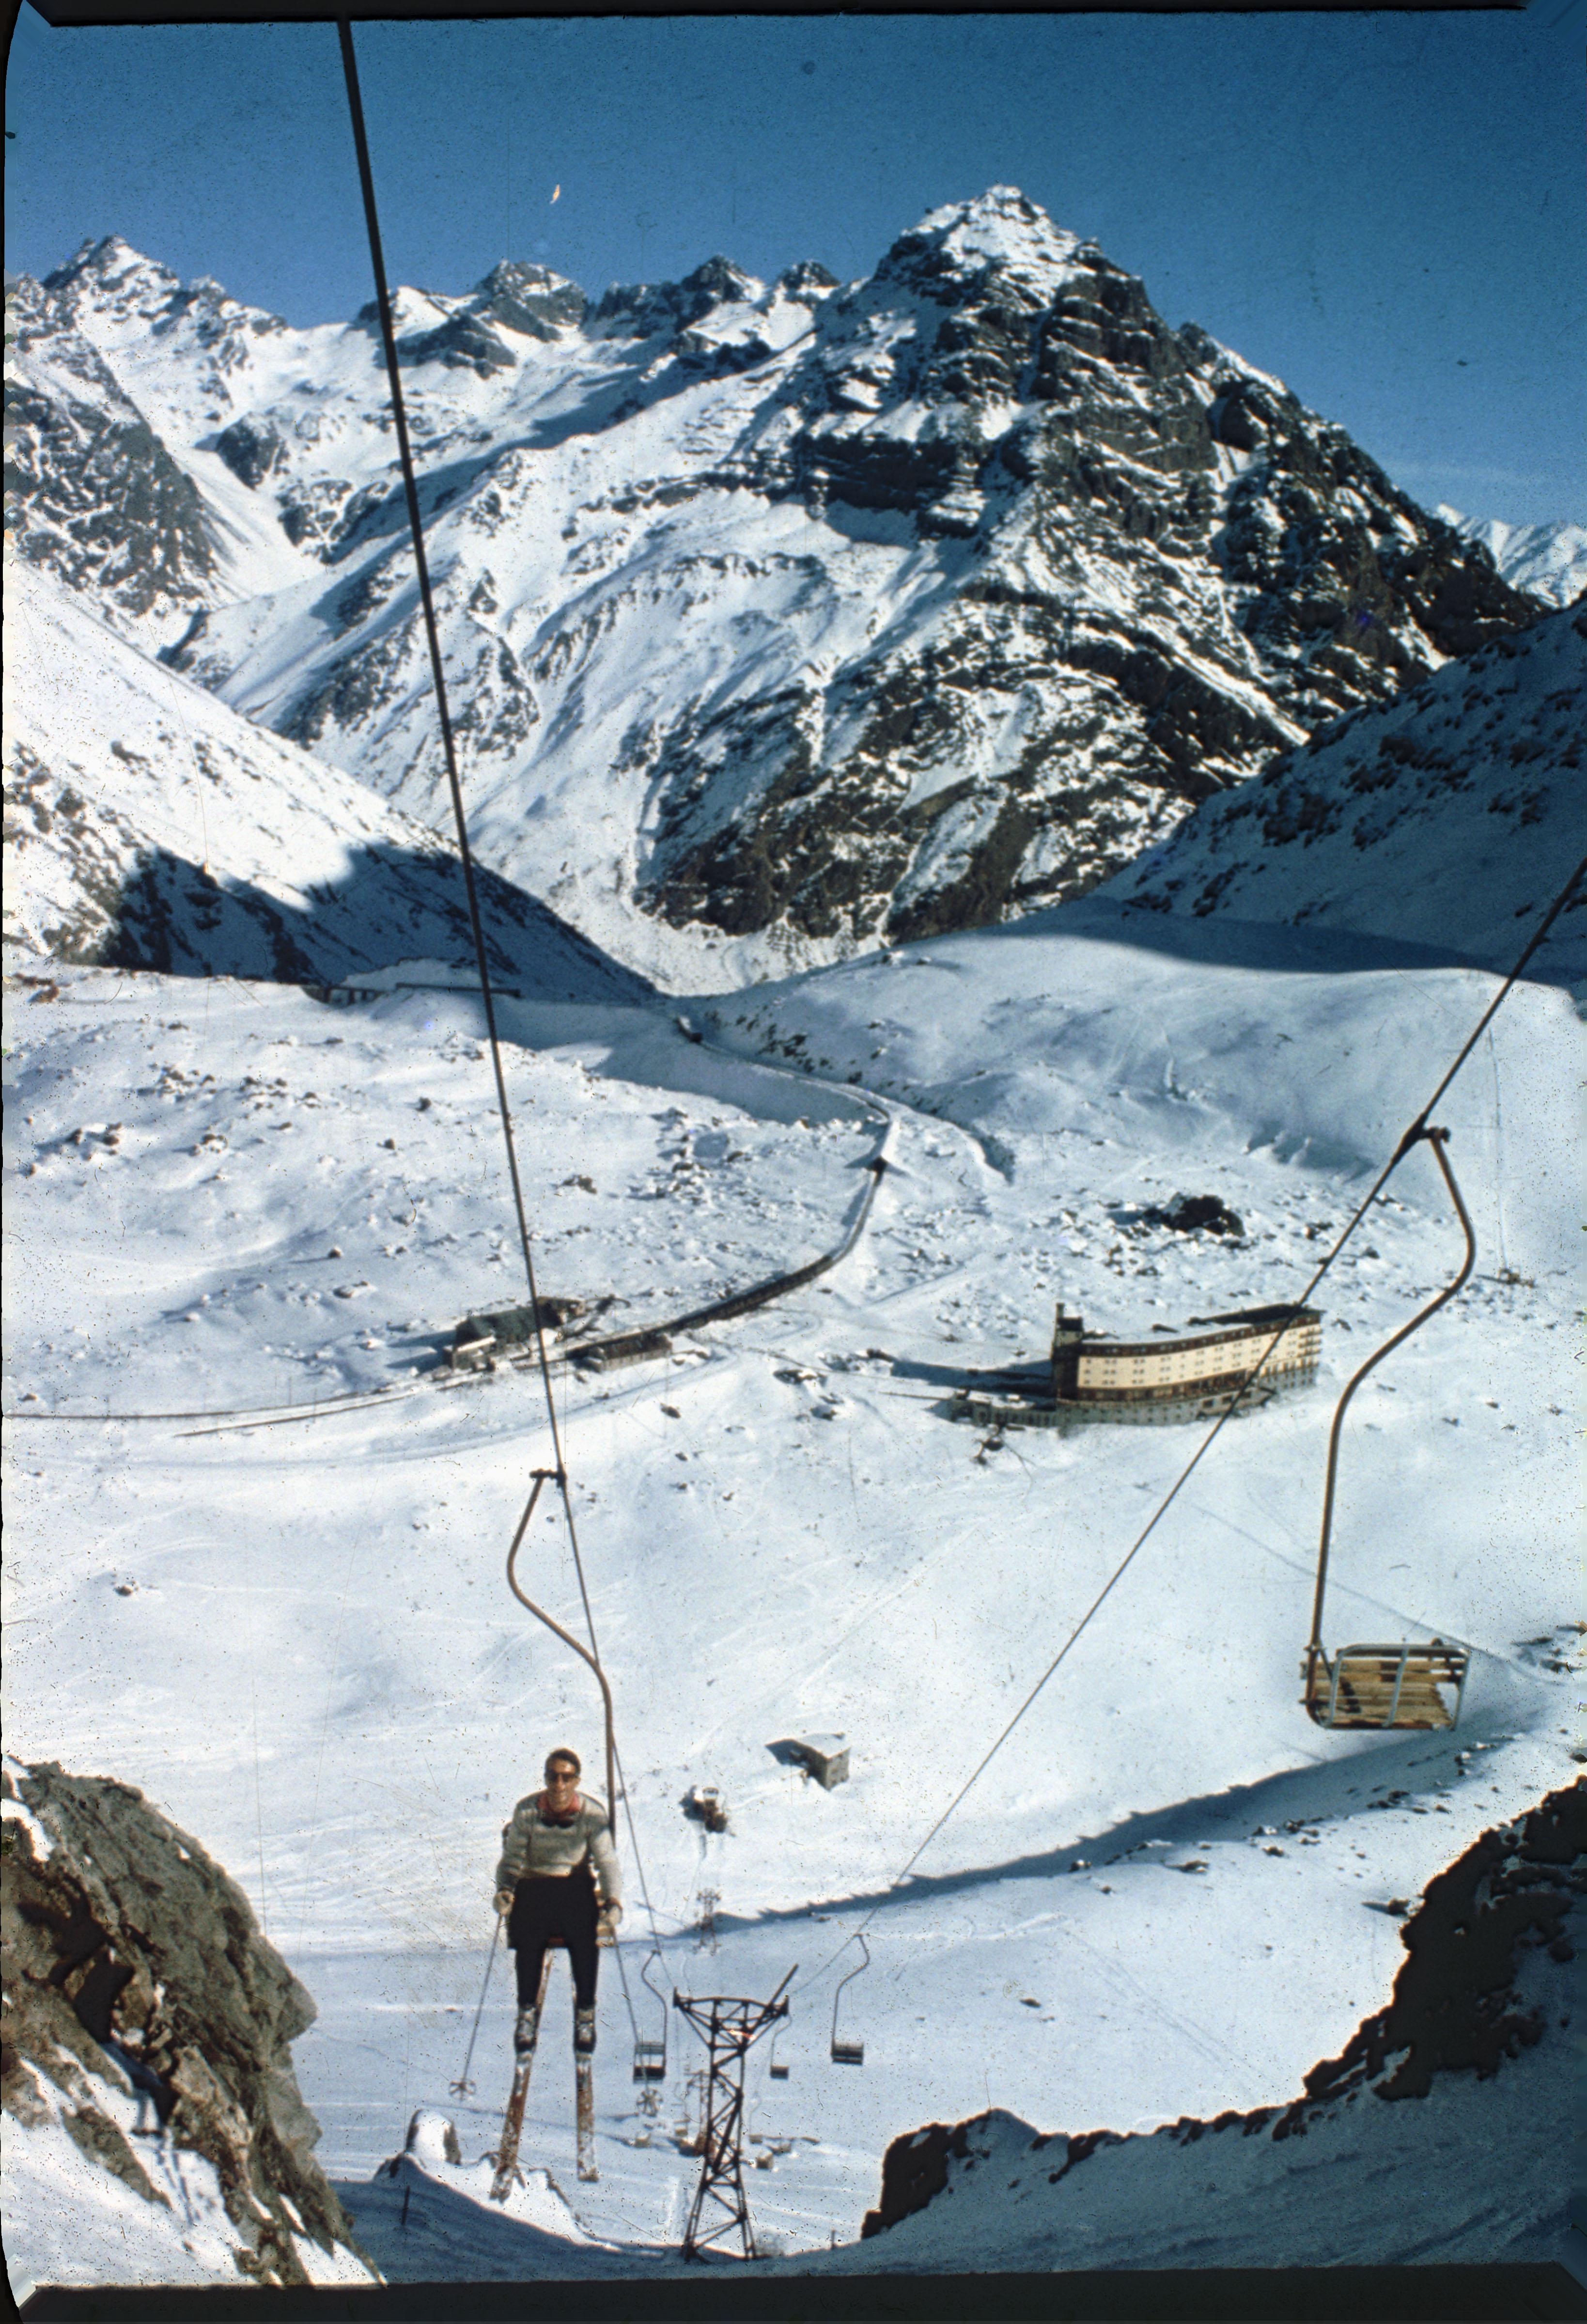 Enterreno - Fotos históricas de chile - fotos antiguas de Chile - Portillo en los 60